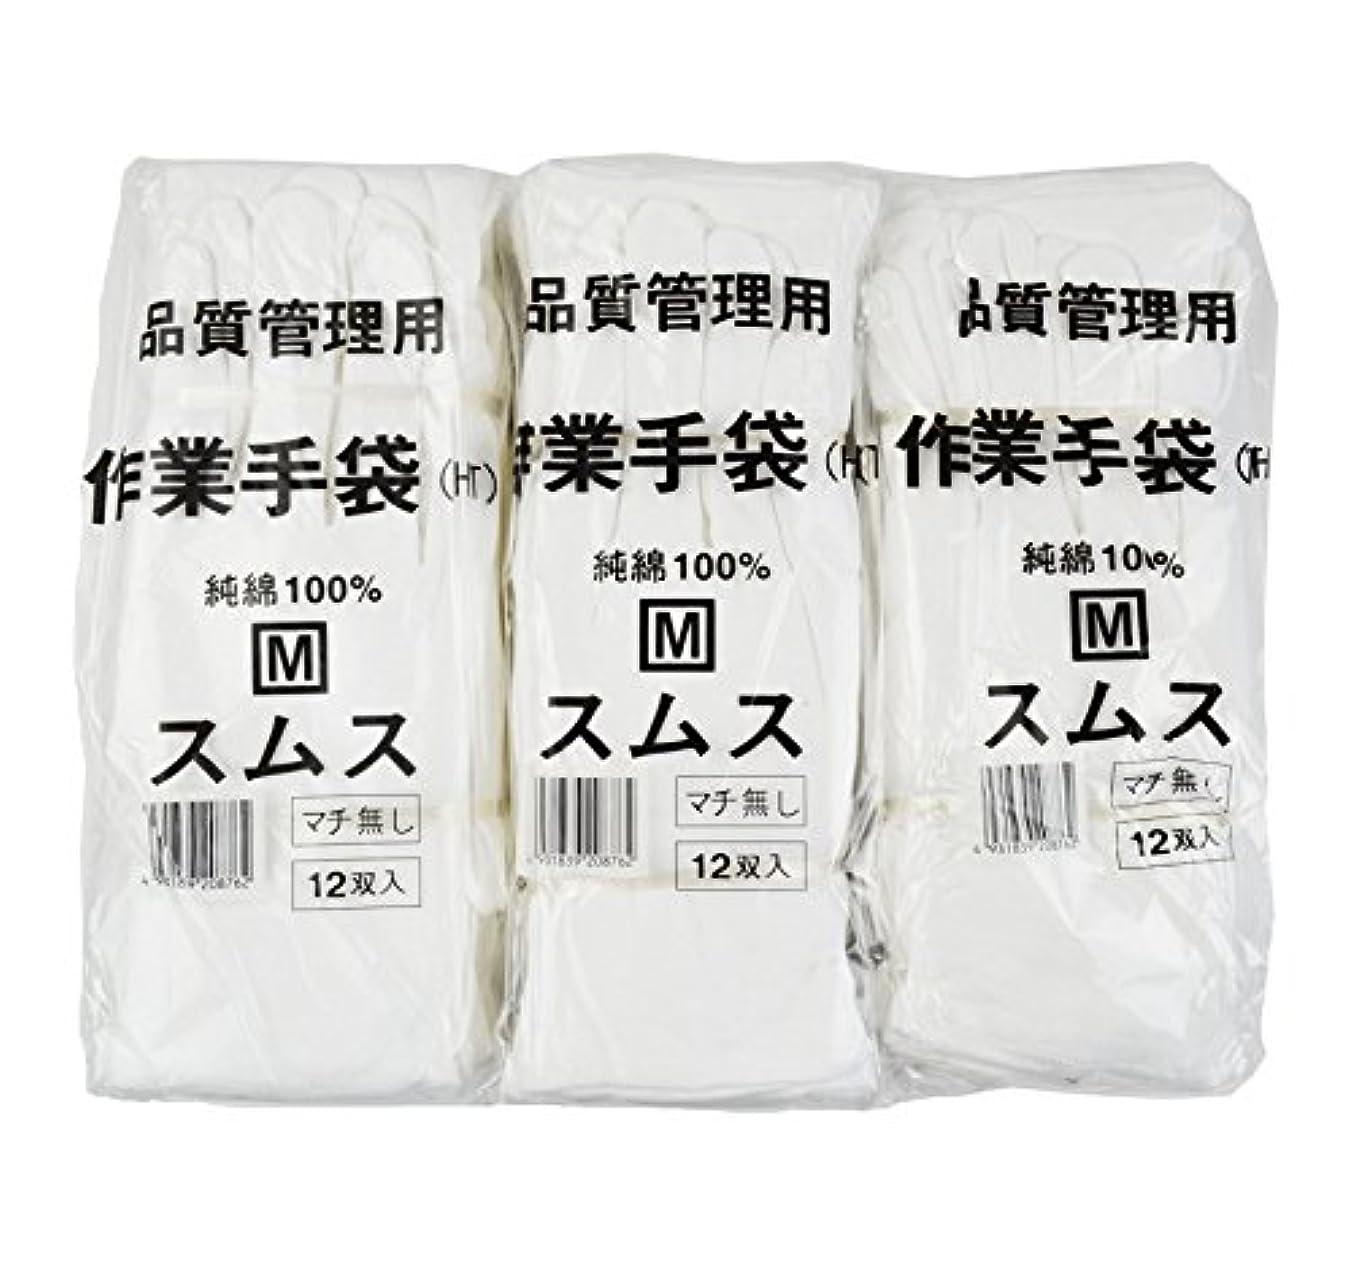 スチュアート島問い合わせ腐った【お得なセット売り】 (36双) 純綿100% スムス 手袋 Mサイズ 12双×3袋セット 多用途 作業手袋 101116